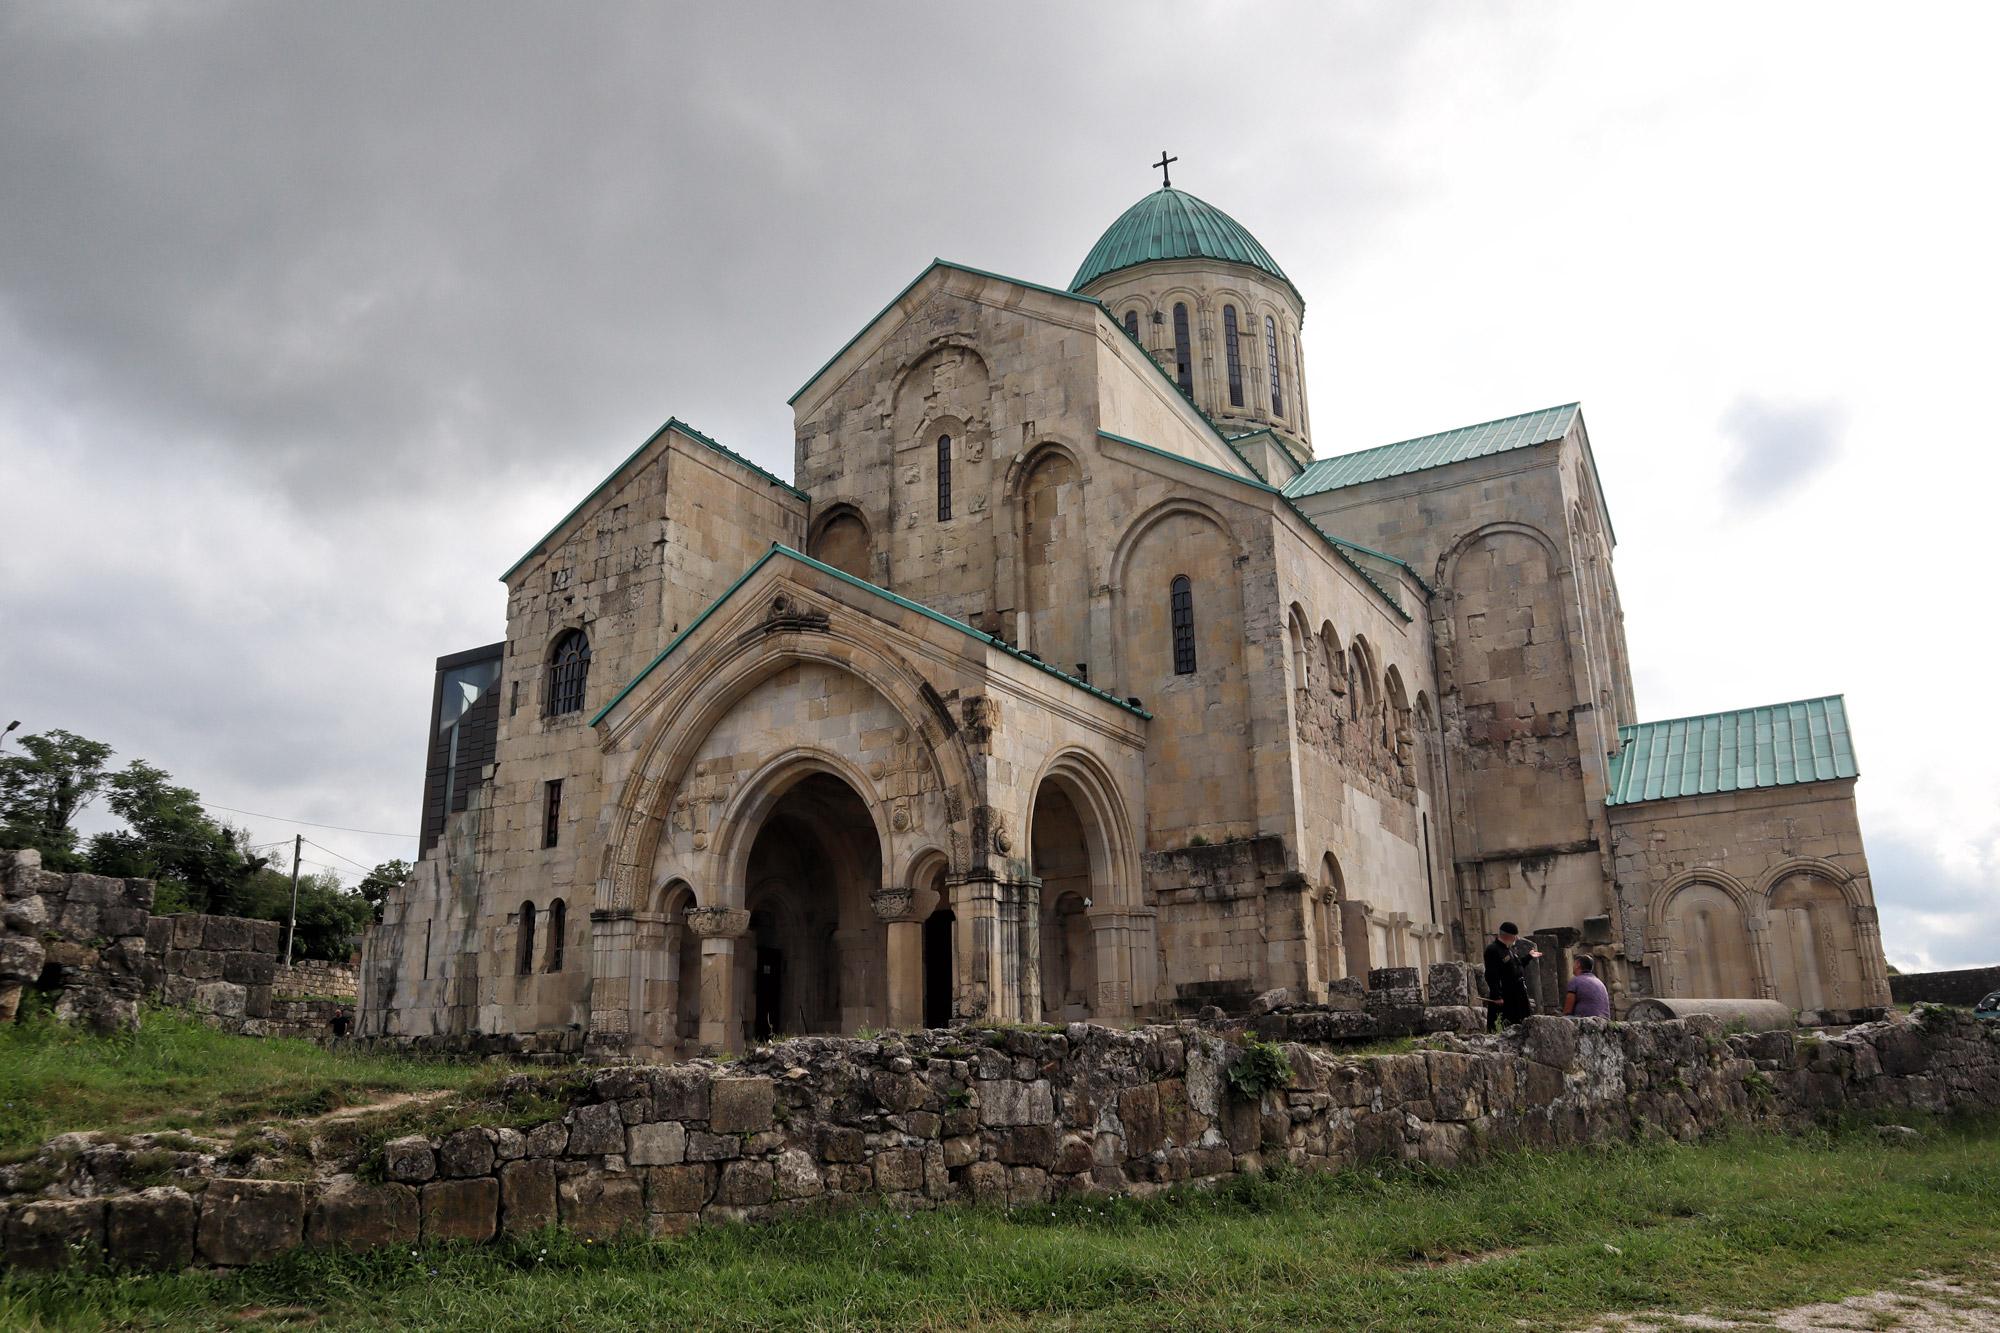 Georgië reisverslag: Bagrati Kathedraal